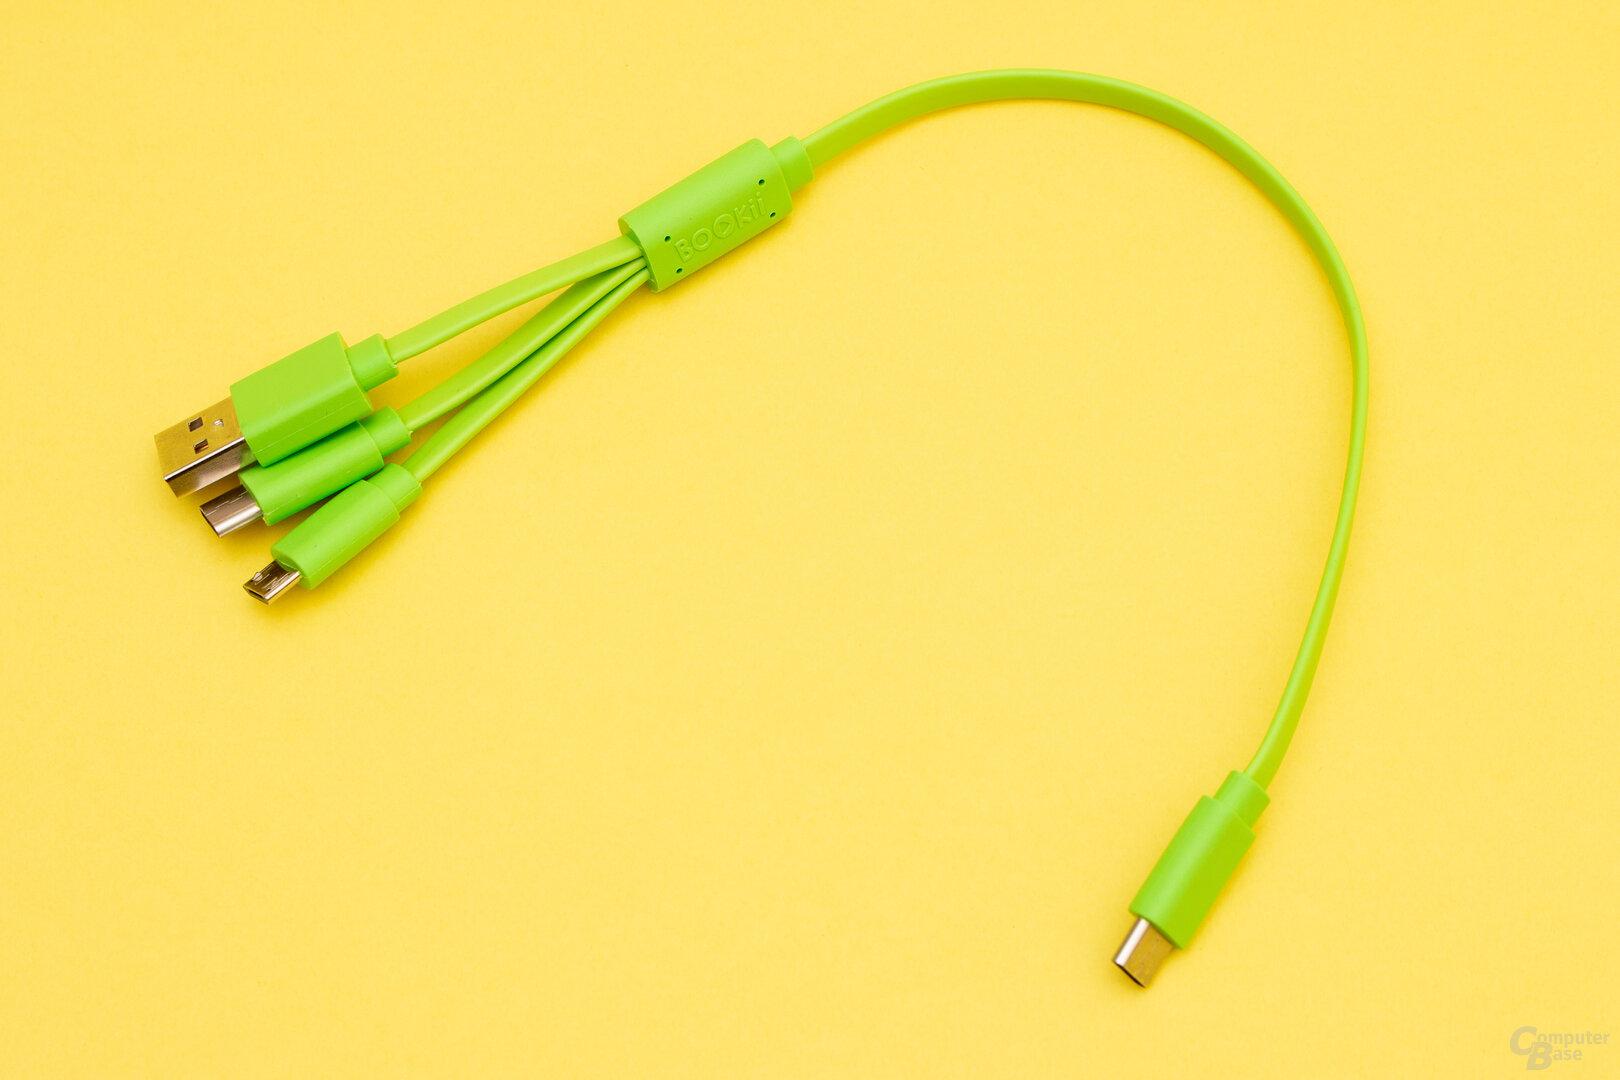 Das Mitgeliferte Kabel bietet viele Anschlussmöglichkeiten